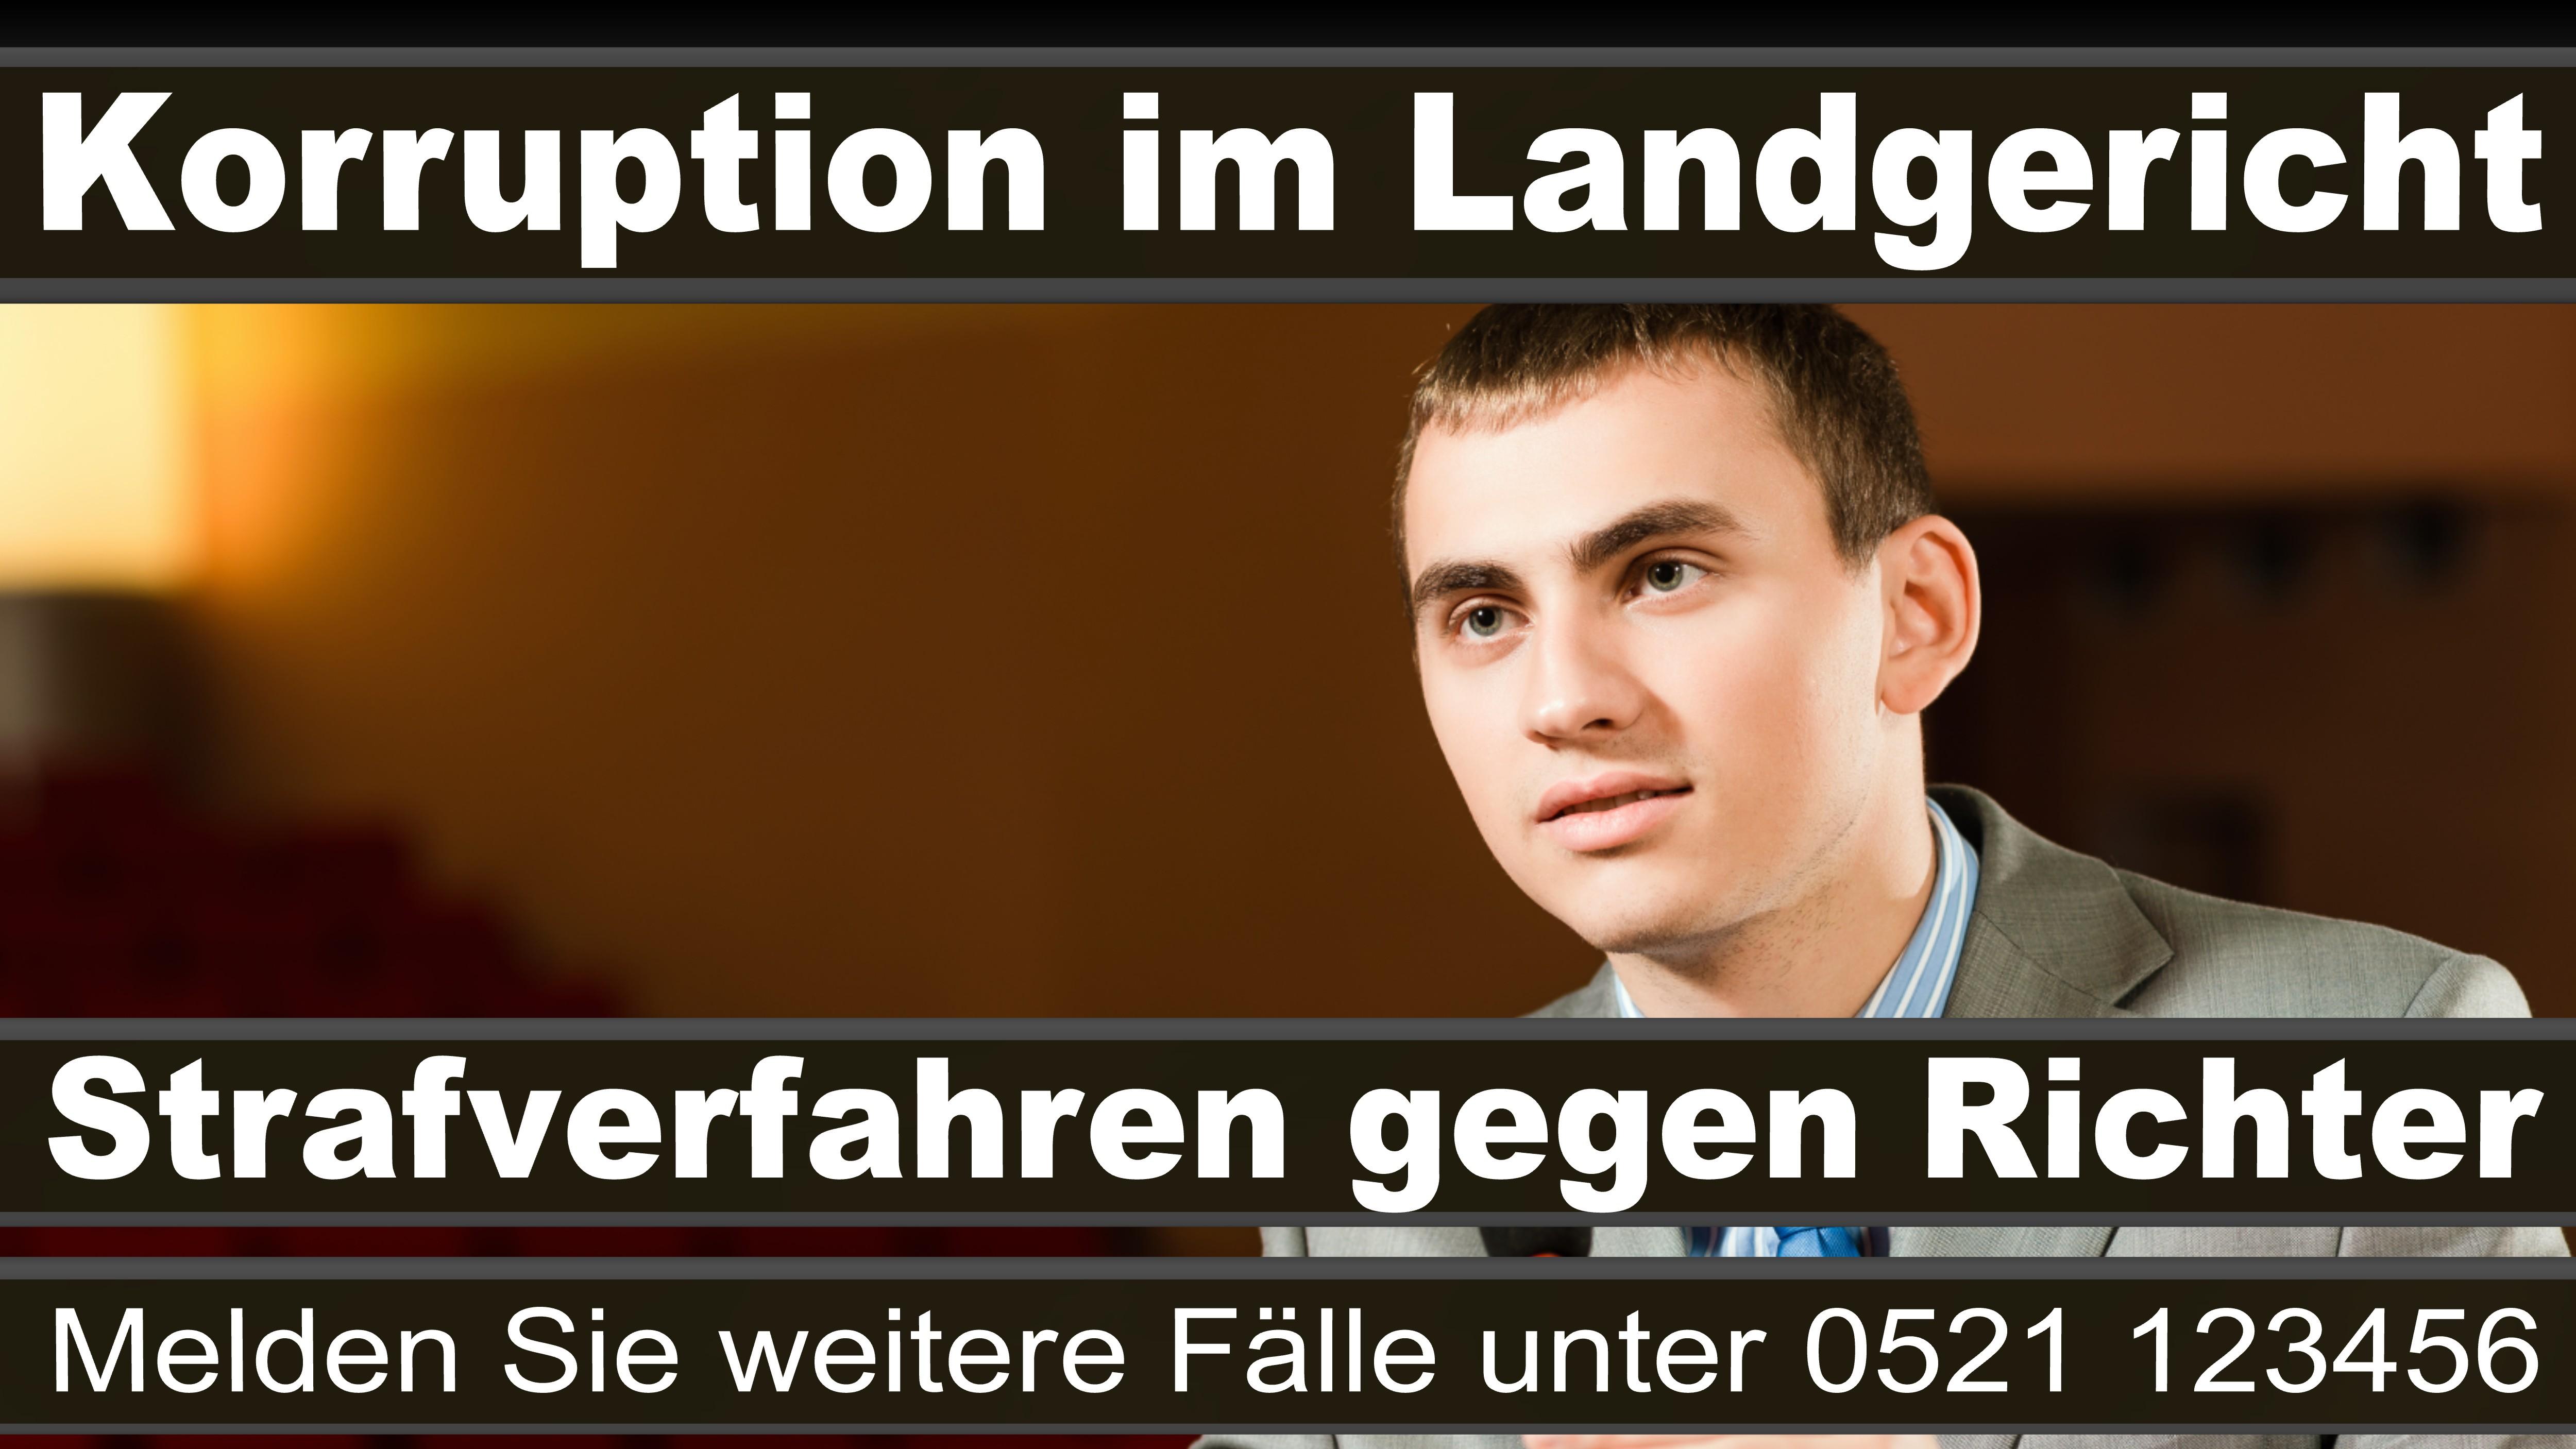 Korruption, Rechtsbeugung, Parteiverrat, Rechtsanwalt, Justiz, Präsident, Direktor, Leitender Oberstaatsanwalt, Finanzgericht Köln